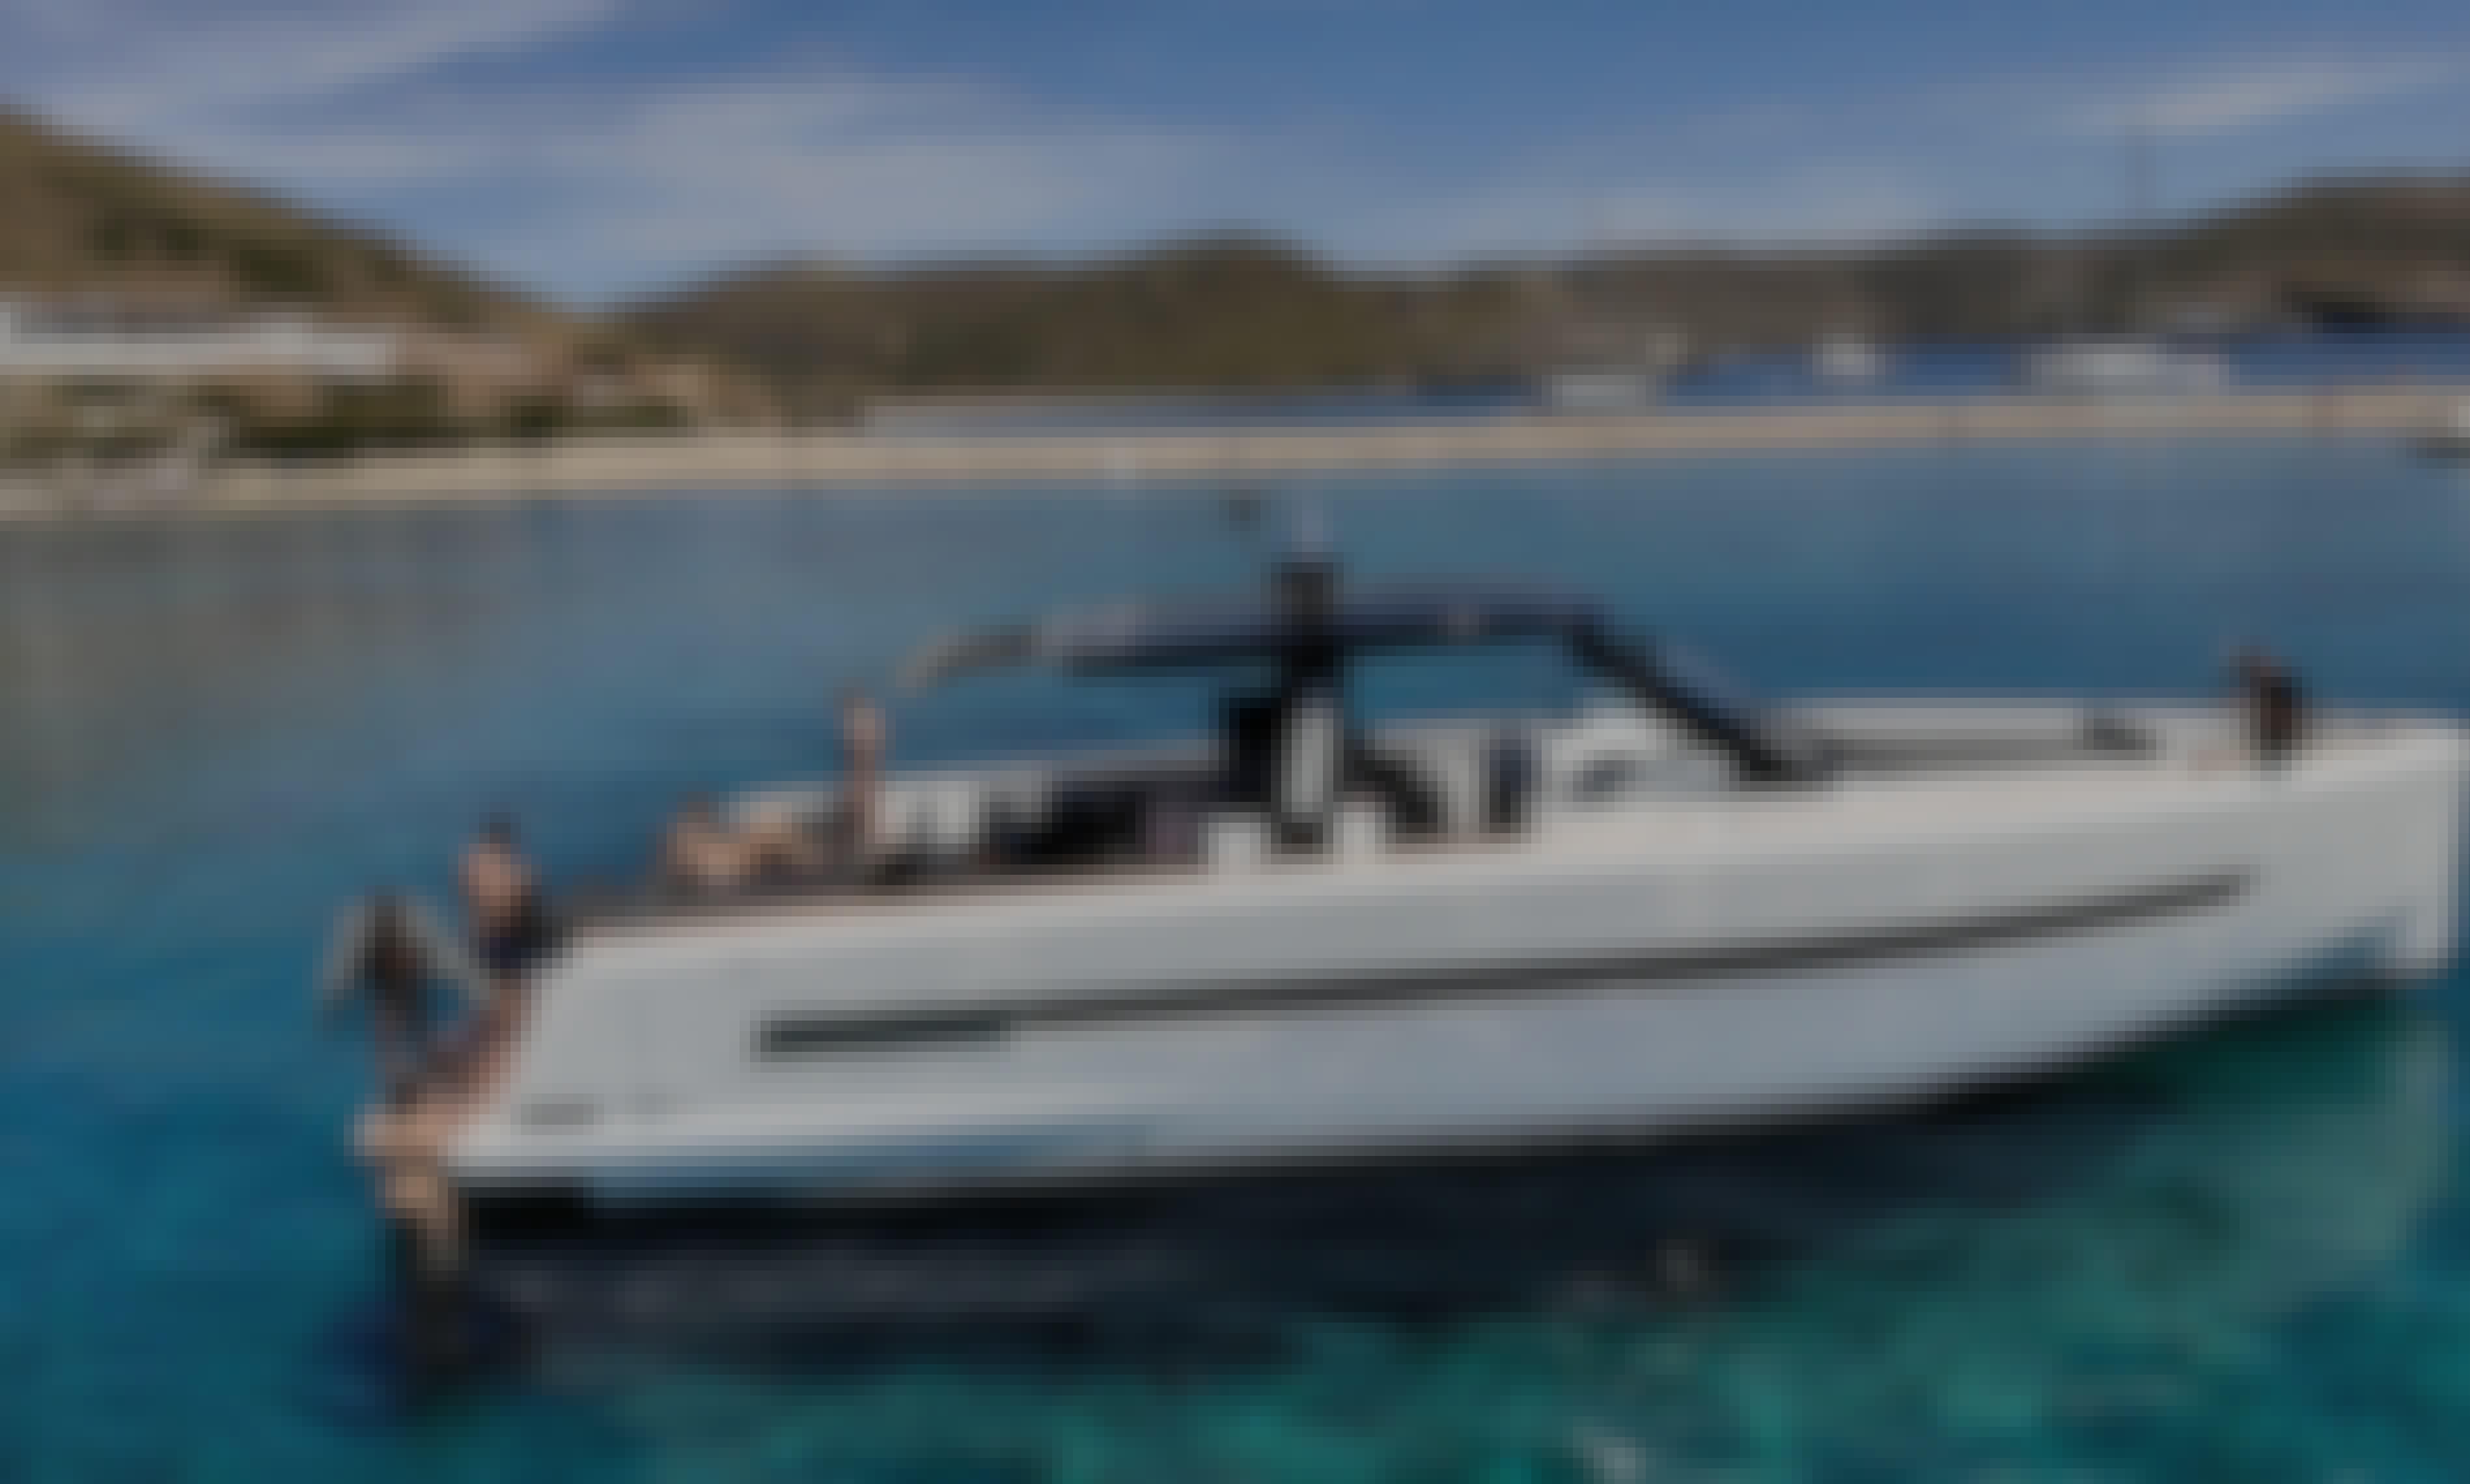 48' Fjord Motor Yacht Rental in Santorini, Greece!